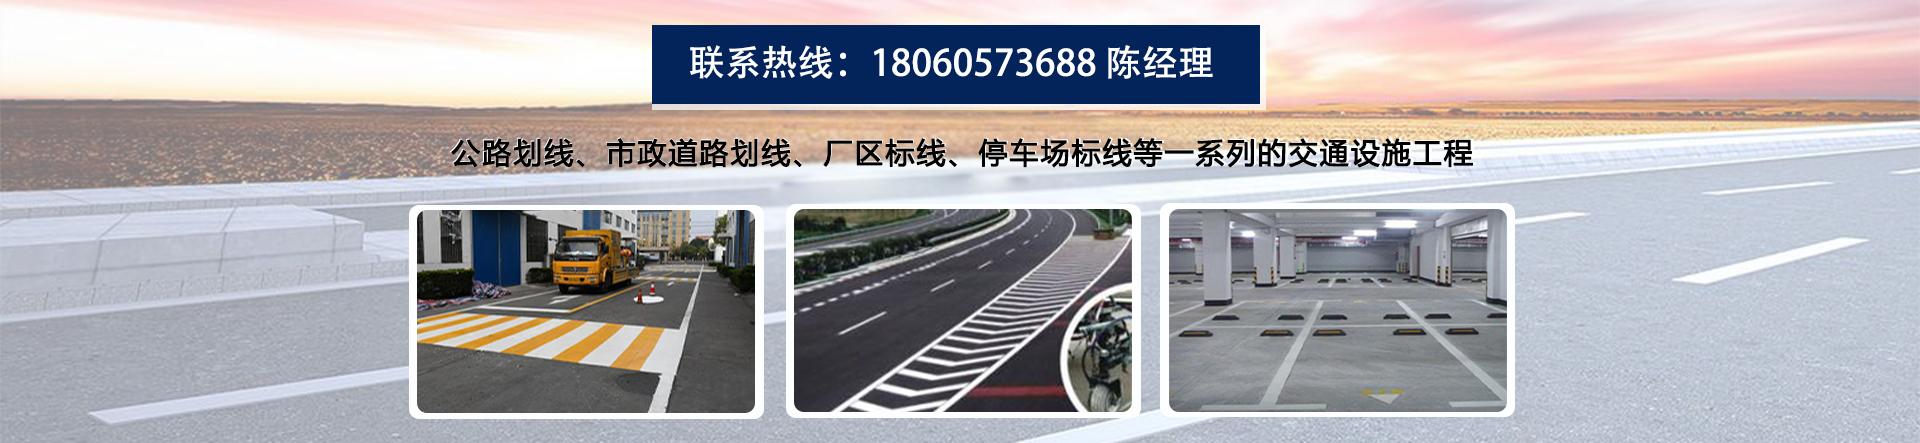 福州道路划线,车位划线,厂区划线